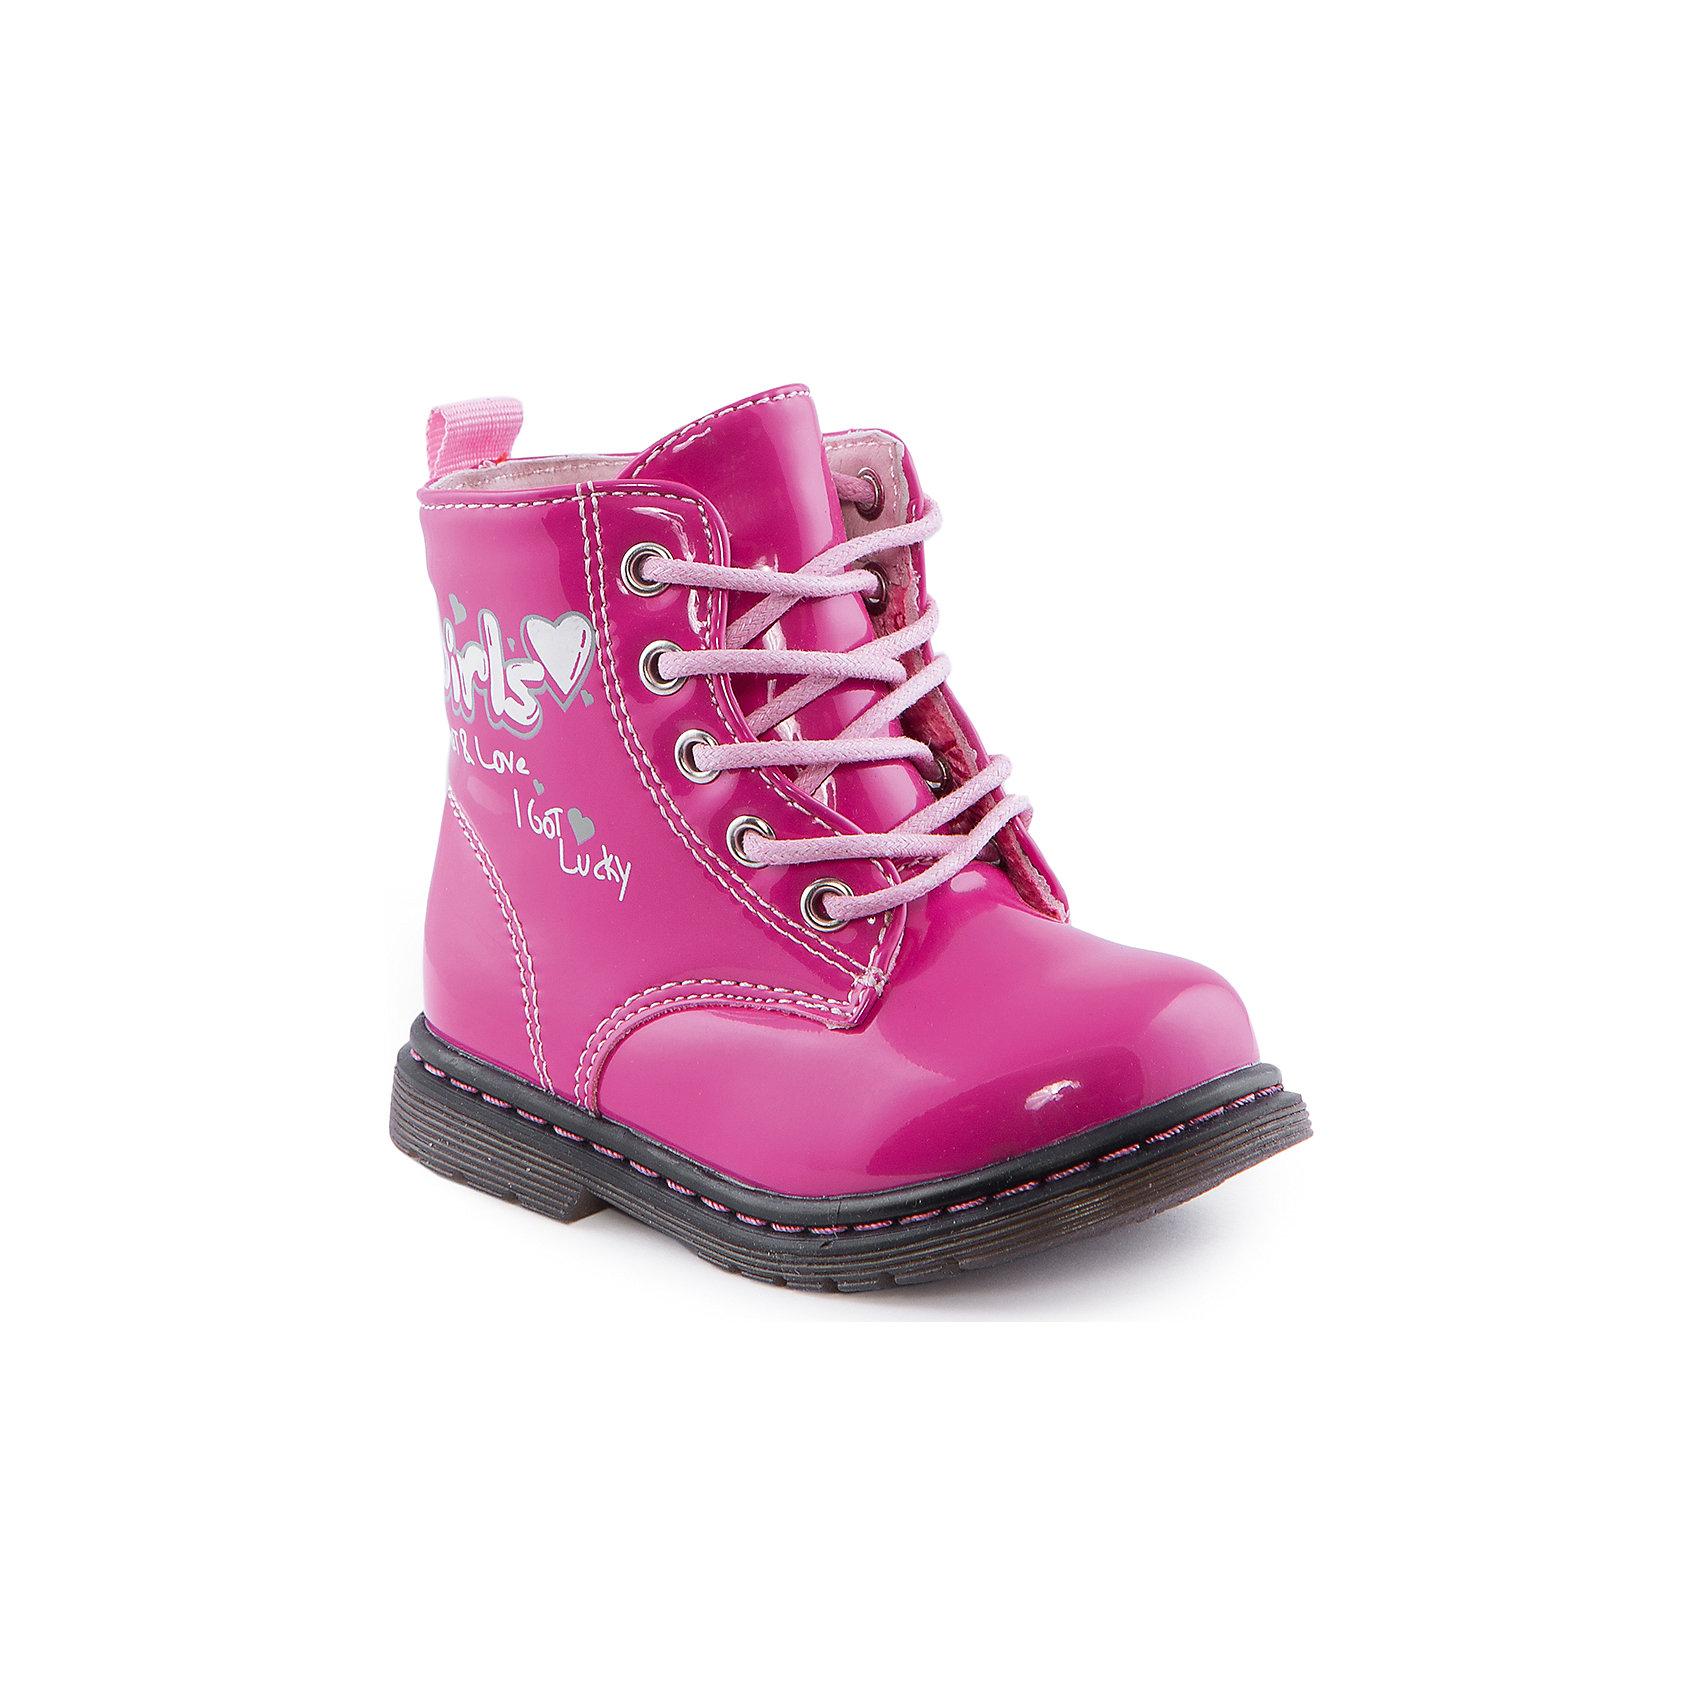 Ботинки для девочки Indigo kidsБотинки<br>Ботинки для девочки от известного бренда Indigo kids<br><br>Очень красивые нарядные ботинки могут быть и очень удобными! Яркий цвет делает эту модель стильной и привлекающей внимание. Ботинки легко надеваются благодаря шнуровке и молнии и комфортно садятся по ноге. <br><br>Особенности модели:<br><br>- цвет - розовый;<br>- лакированная кожа;<br>- стильный дизайн;<br>- удобная колодка;<br>- байковая подкладка;<br>- украшены принтом;<br>- устойчивая подошва;<br>- высокие;<br>- застежки: шнуровка, молния.<br><br>Дополнительная информация:<br><br>Температурный режим:<br>от +5° С до +15° С<br><br>Состав:<br><br>верх – искусственная кожа;<br>подкладка - байка;<br>подошва - ТЭП.<br><br>Ботинки для девочки Indigo kids (Индиго Кидс) можно купить в нашем магазине.<br><br>Ширина мм: 262<br>Глубина мм: 176<br>Высота мм: 97<br>Вес г: 427<br>Цвет: фуксия<br>Возраст от месяцев: 12<br>Возраст до месяцев: 15<br>Пол: Женский<br>Возраст: Детский<br>Размер: 21,22,26,25,23,24<br>SKU: 4520013